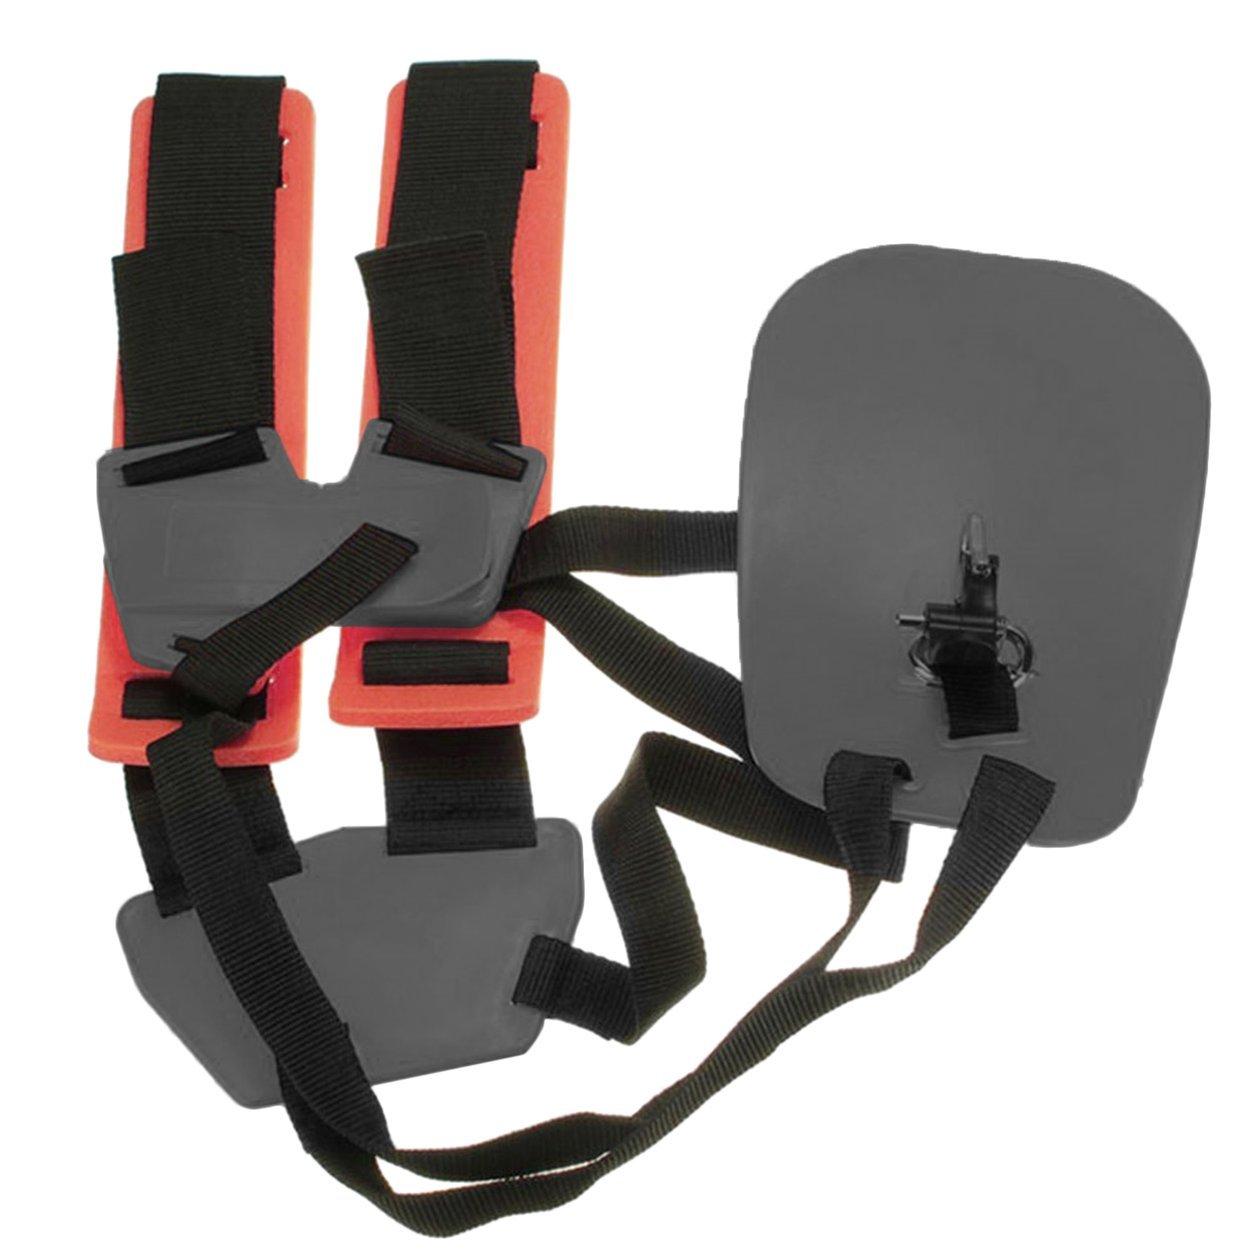 Doppel-Schulter-Unisex-Harness-Rasenmher-Strap-fr-Carry-Hook-Freischneider-und-Rasentrimmer-Durable-Rasenmher-Zubehr